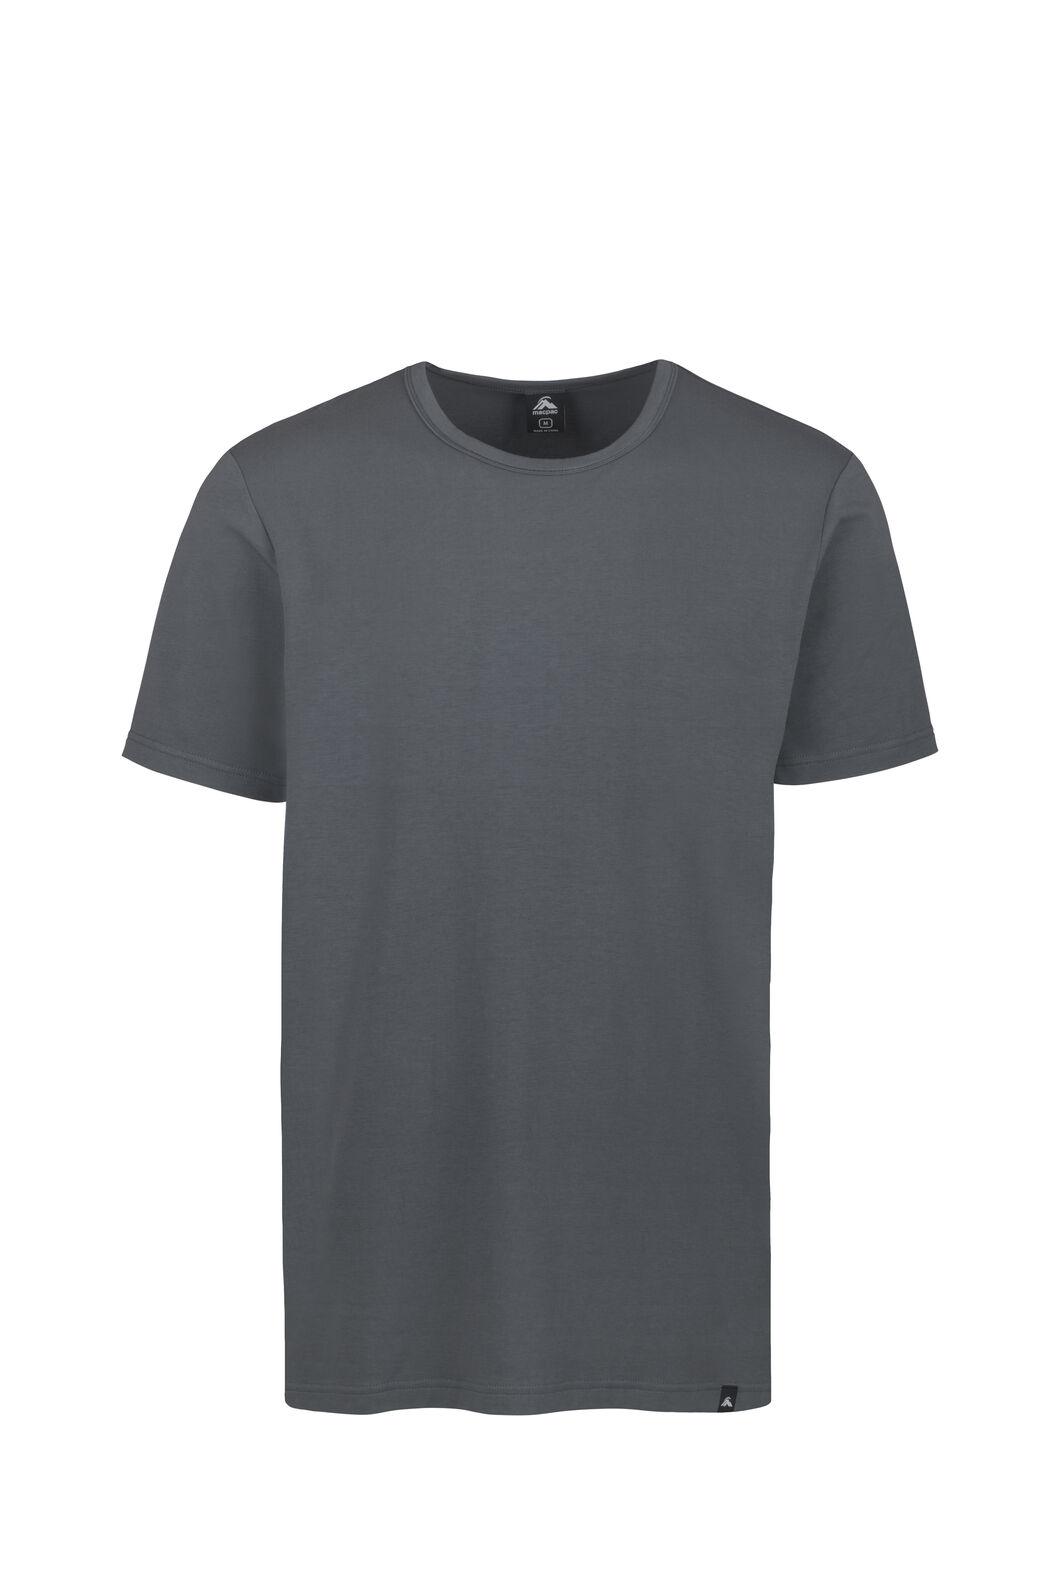 Macpac Angus Short Sleeved Tee - Men's, Asphalt, hi-res